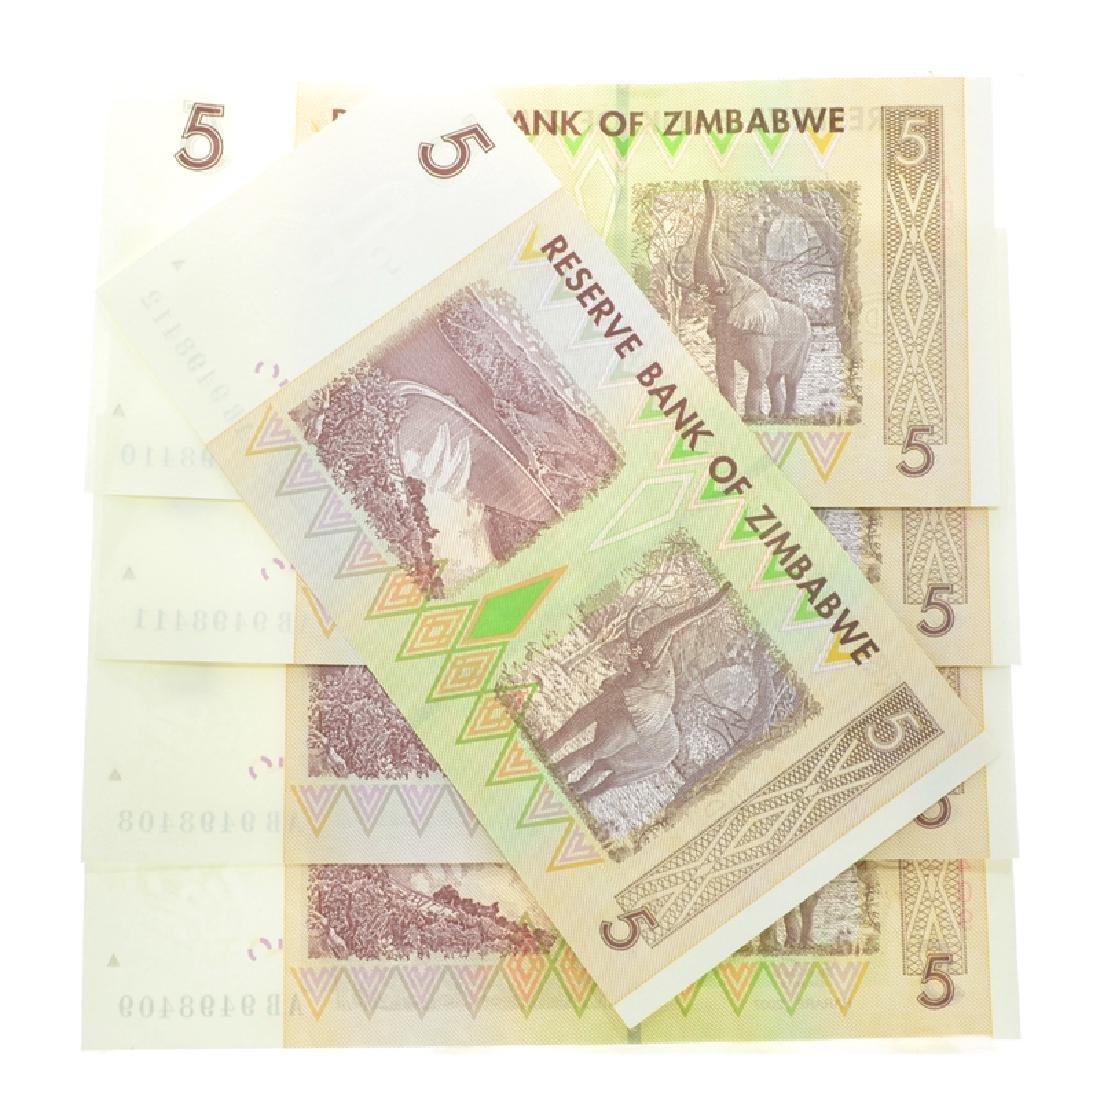 $5 Zimbabwe Elephant Note - 2